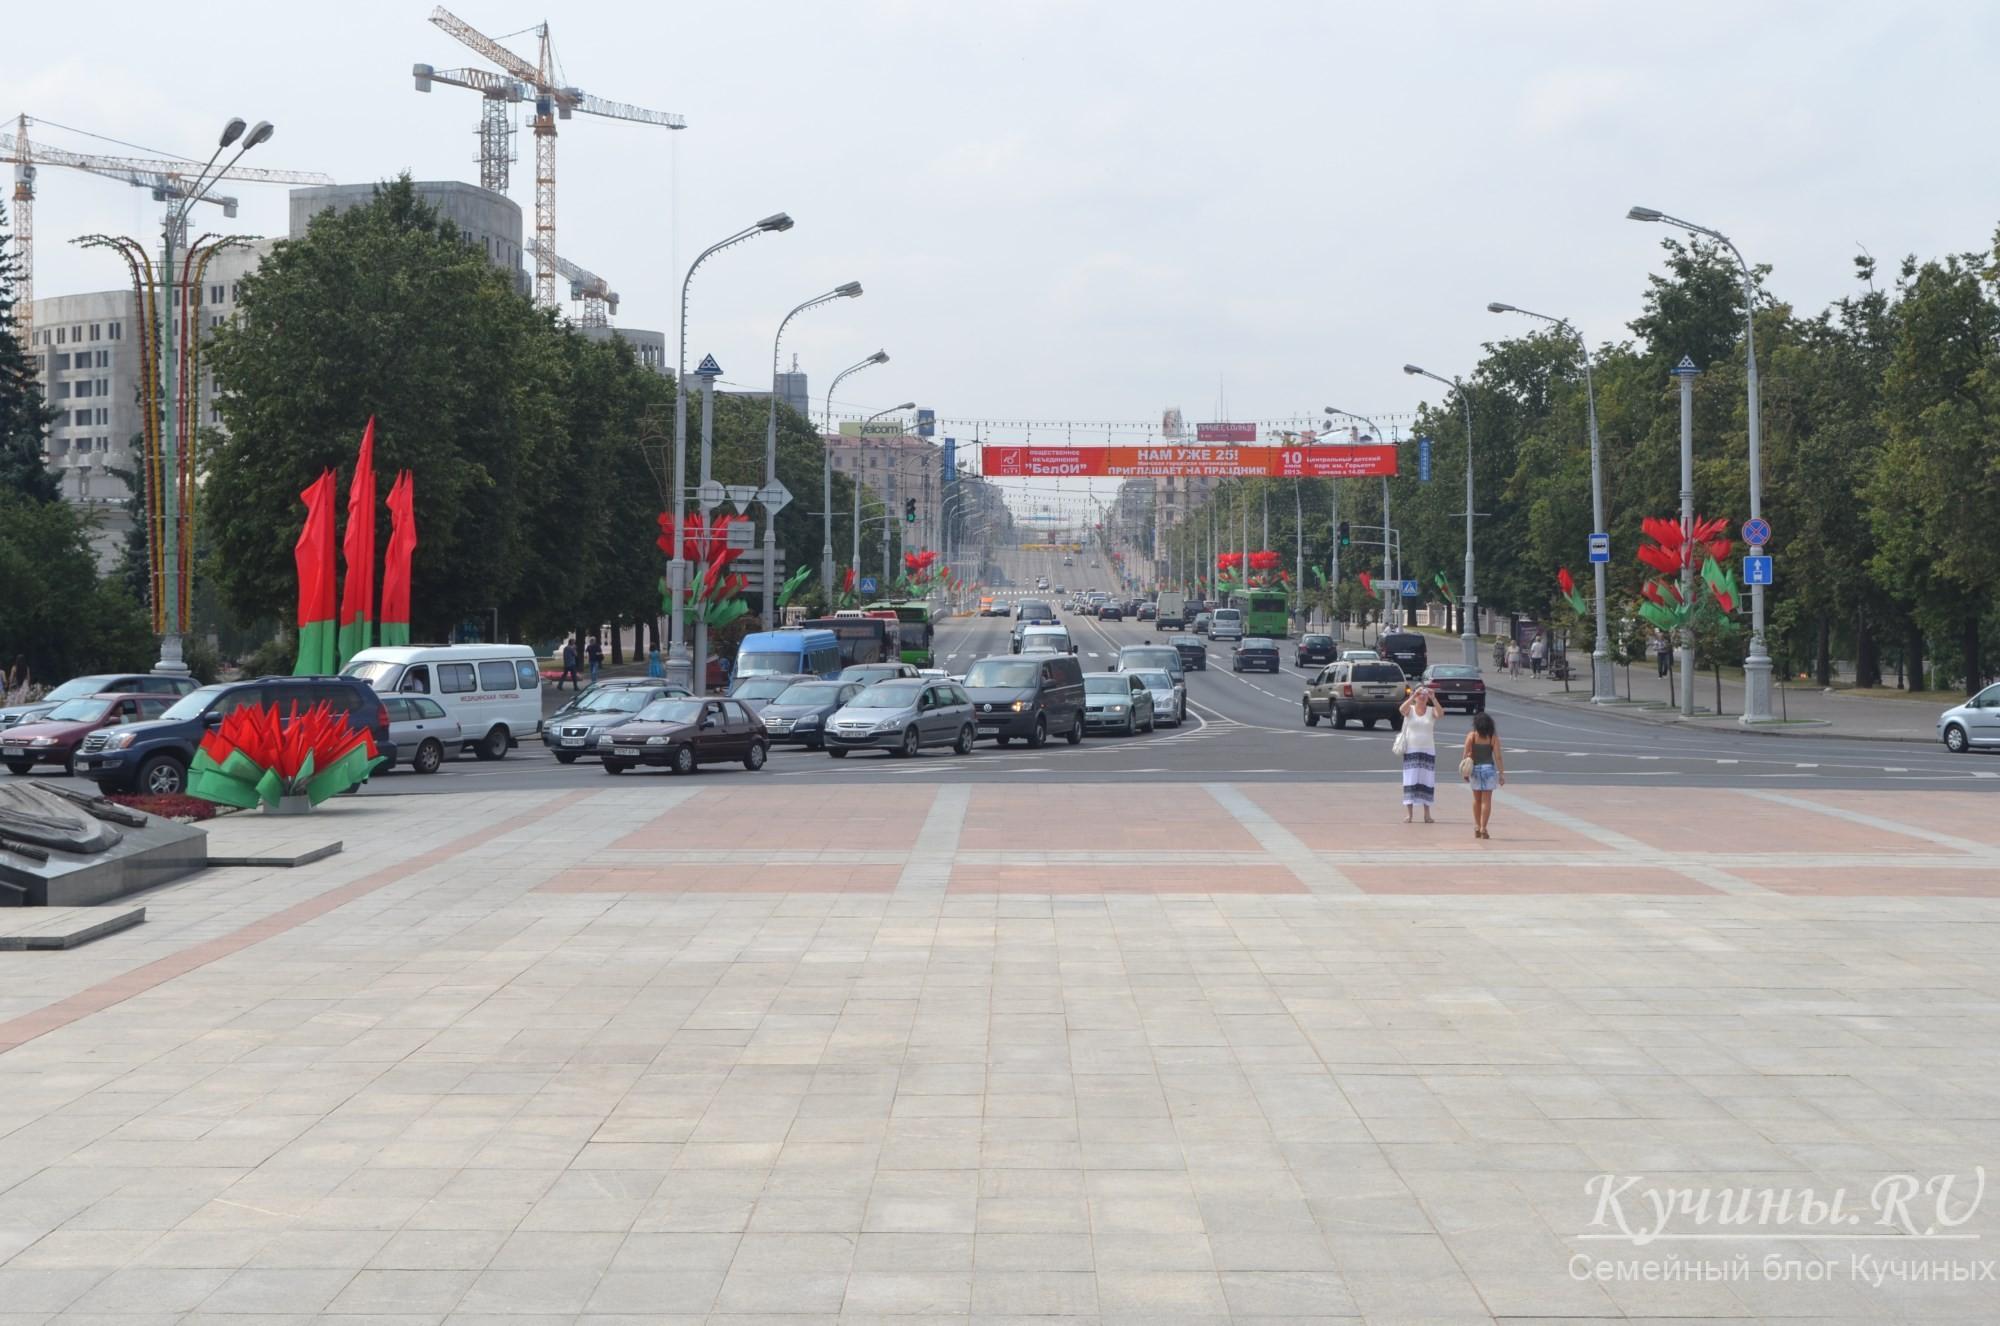 Центральный проспект Минска, вторник, 13.50 местного времени